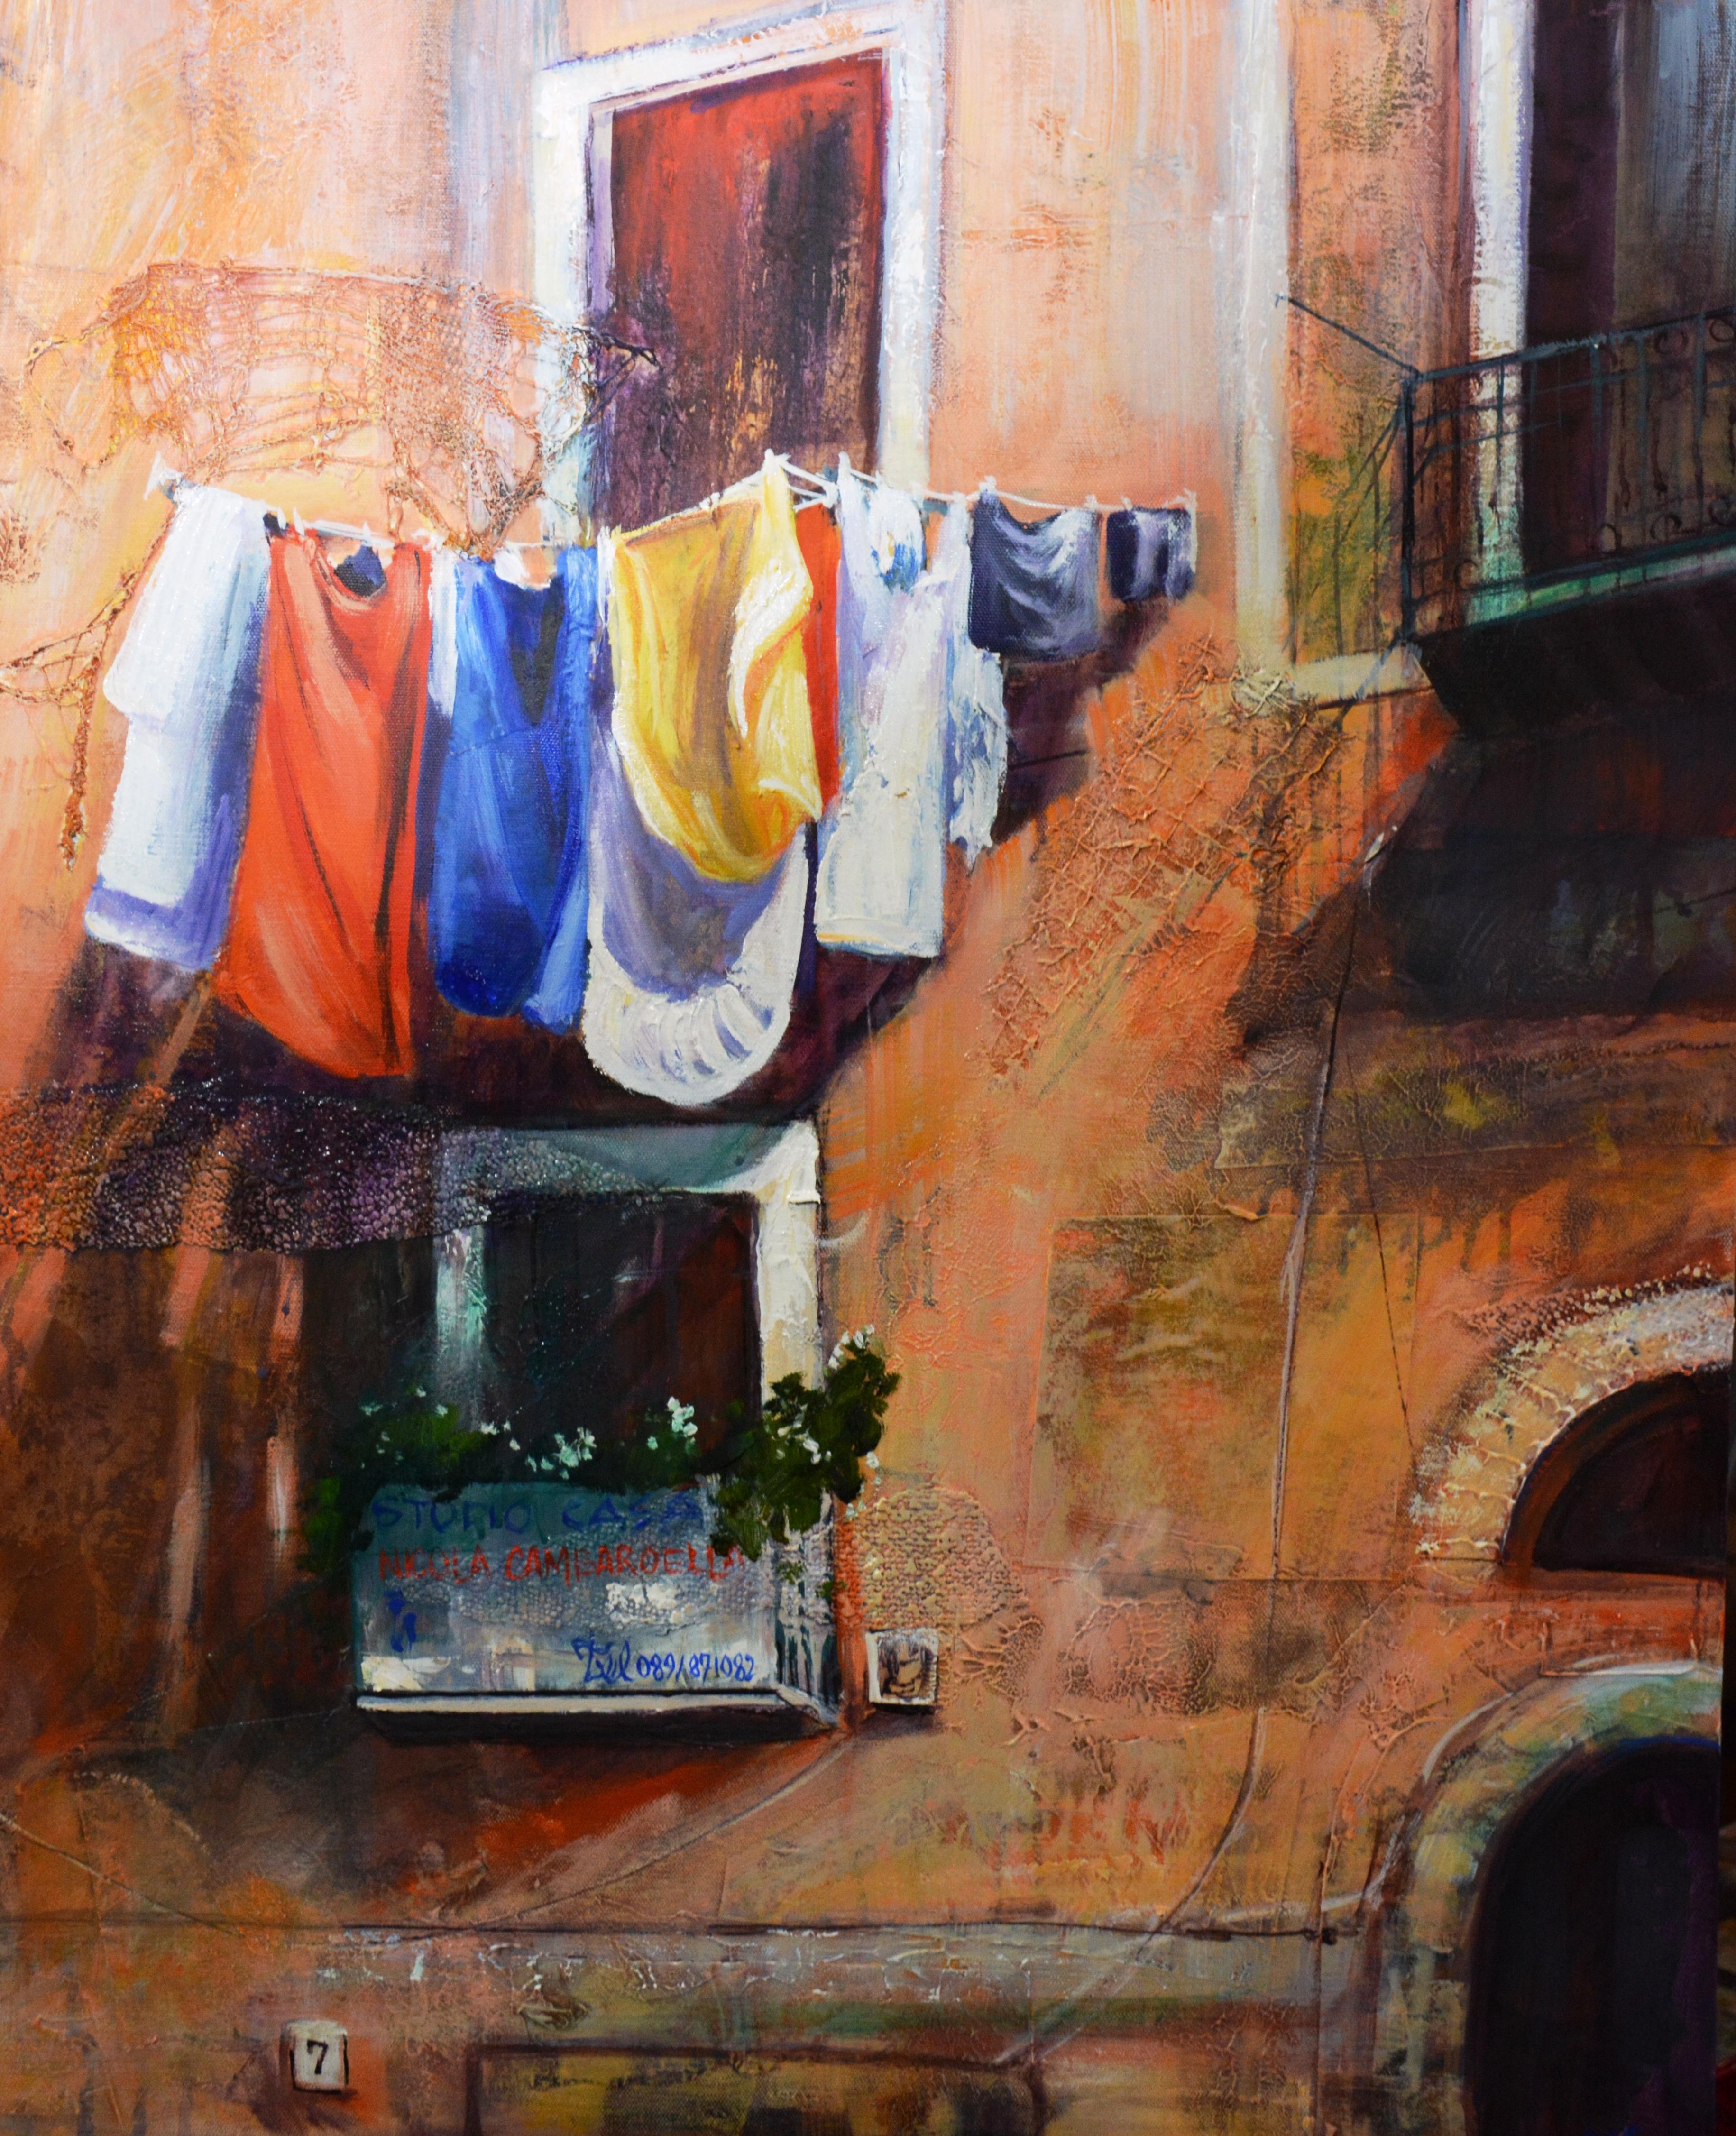 Washing I